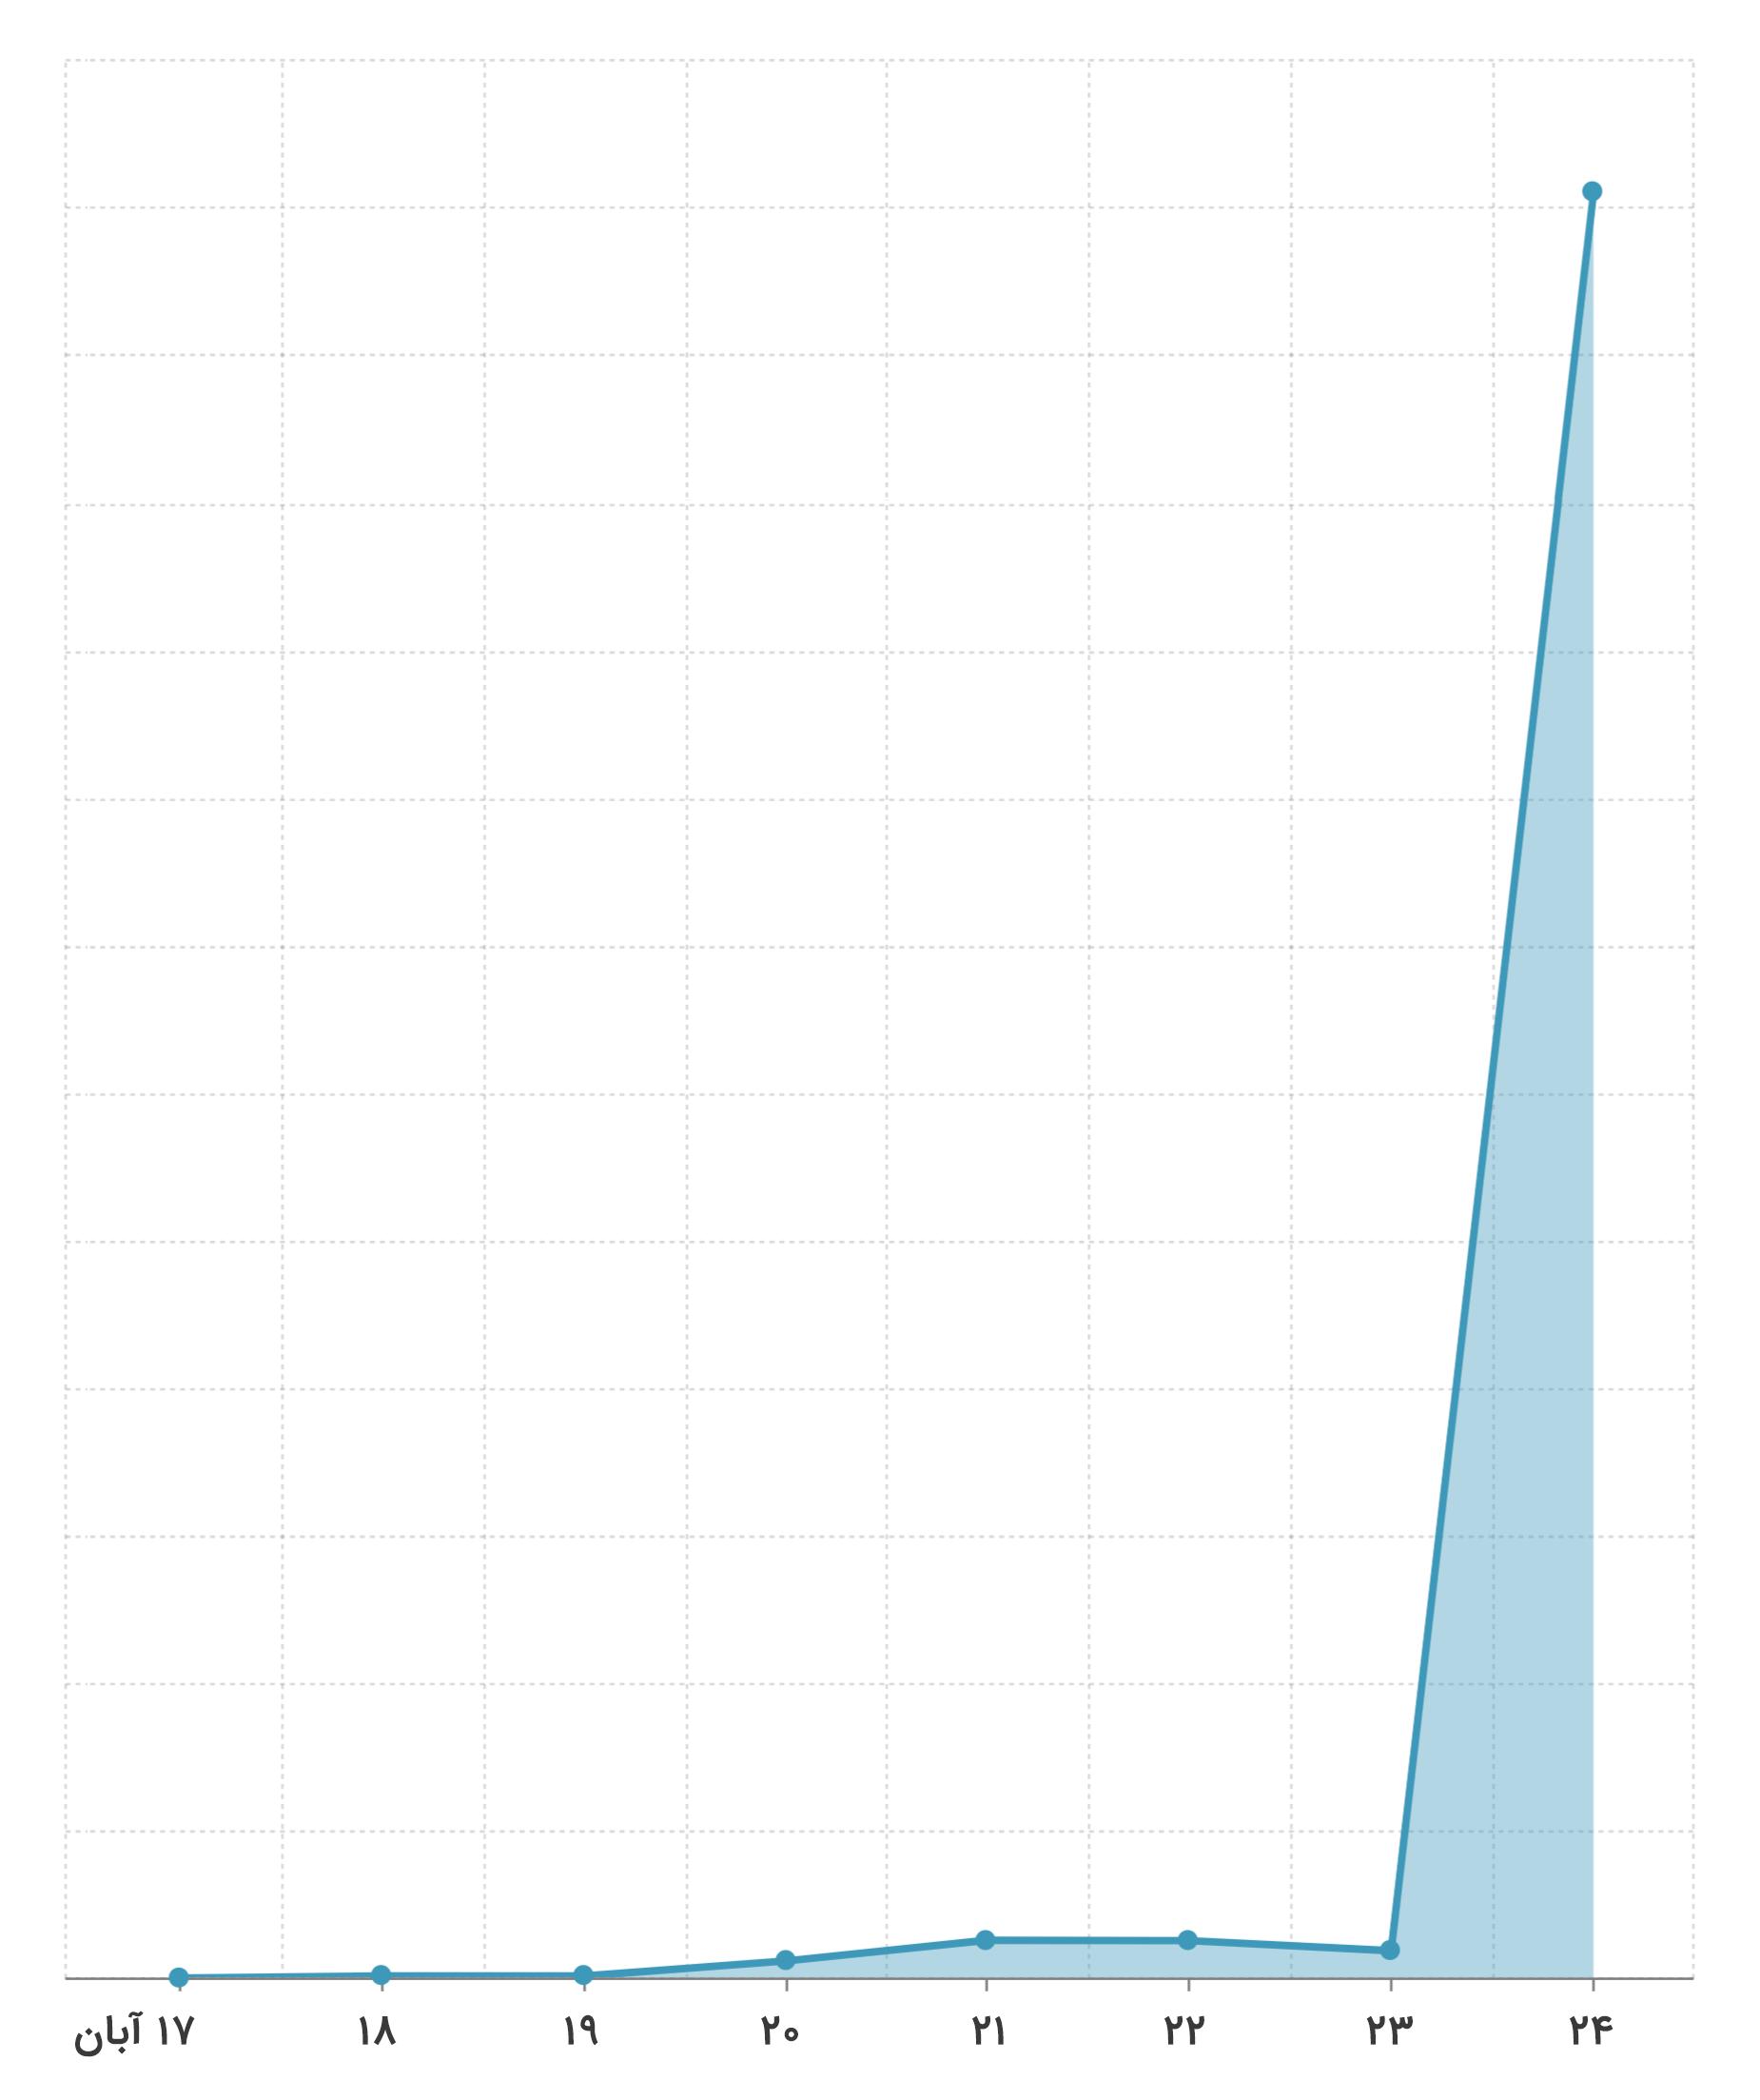 نمودار مقایسه روز ۲۴ آبان با روزهای گذشته